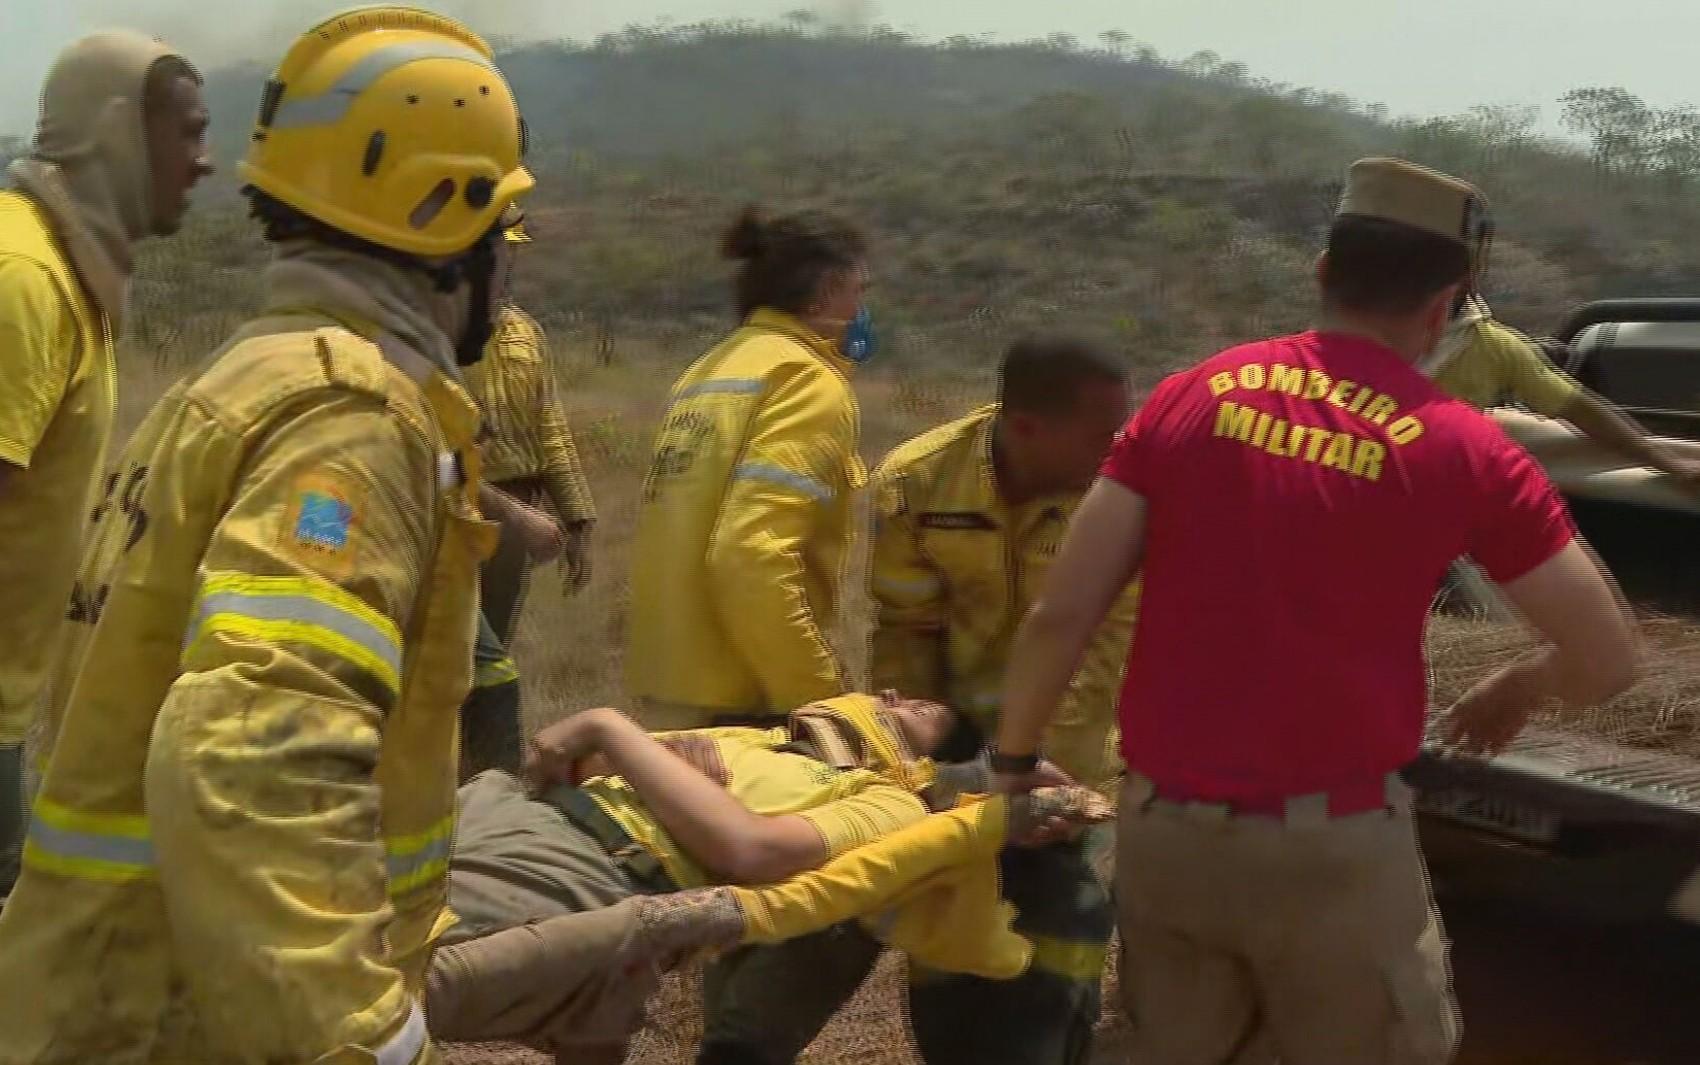 Brigadista fica ferida ao escorregar e cair em pedras durante combate ao incêndio na Chapada dos Veadeiros; veja resgate